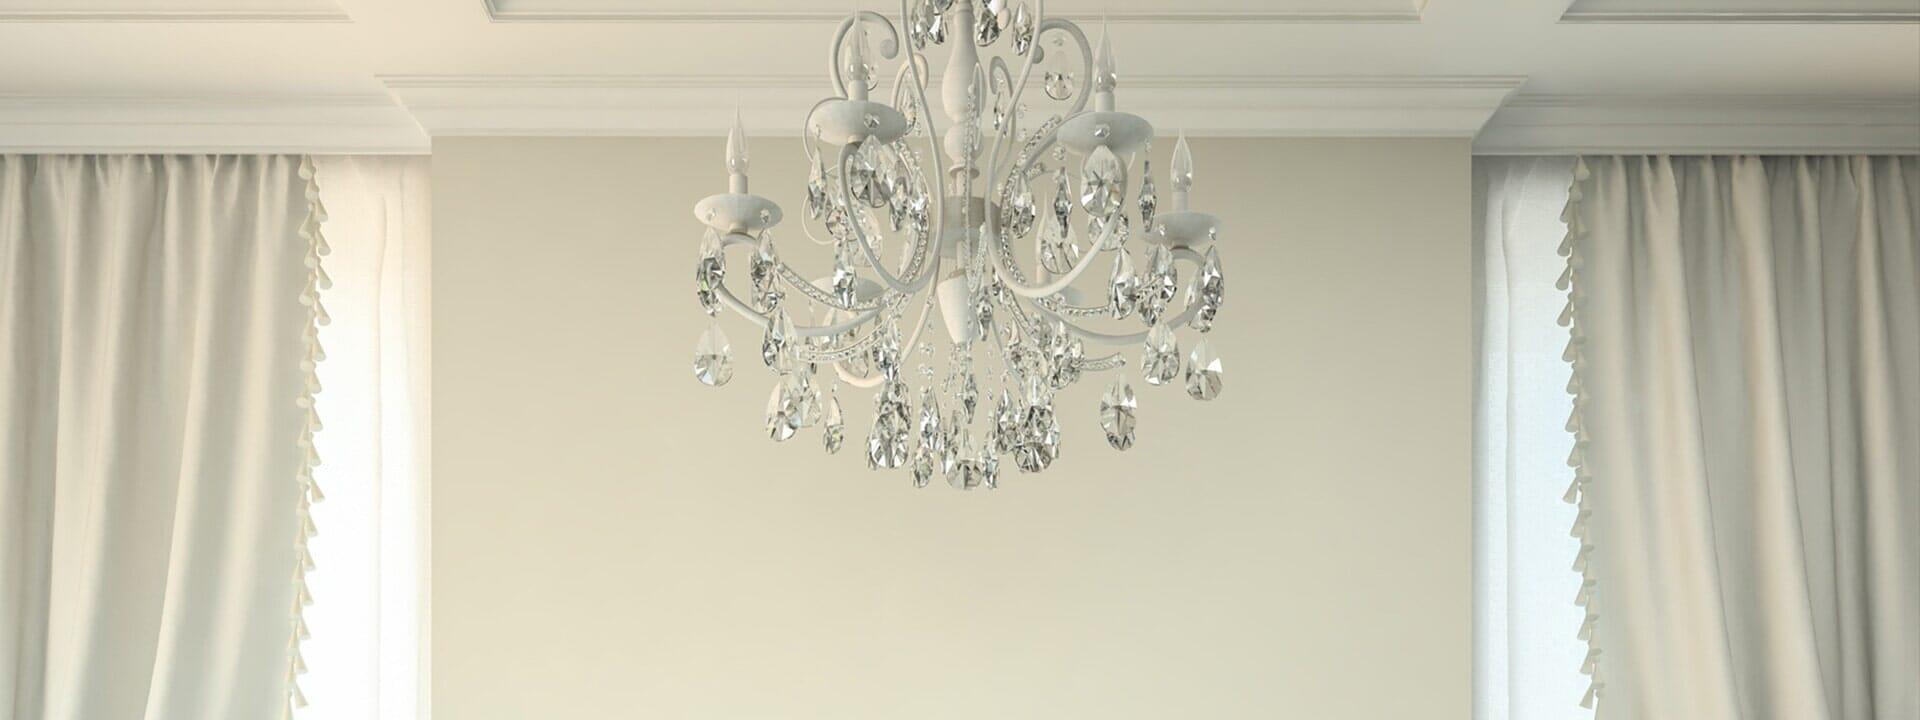 & Lighting Company | Chesapeake VA | Greenbrier Lighting